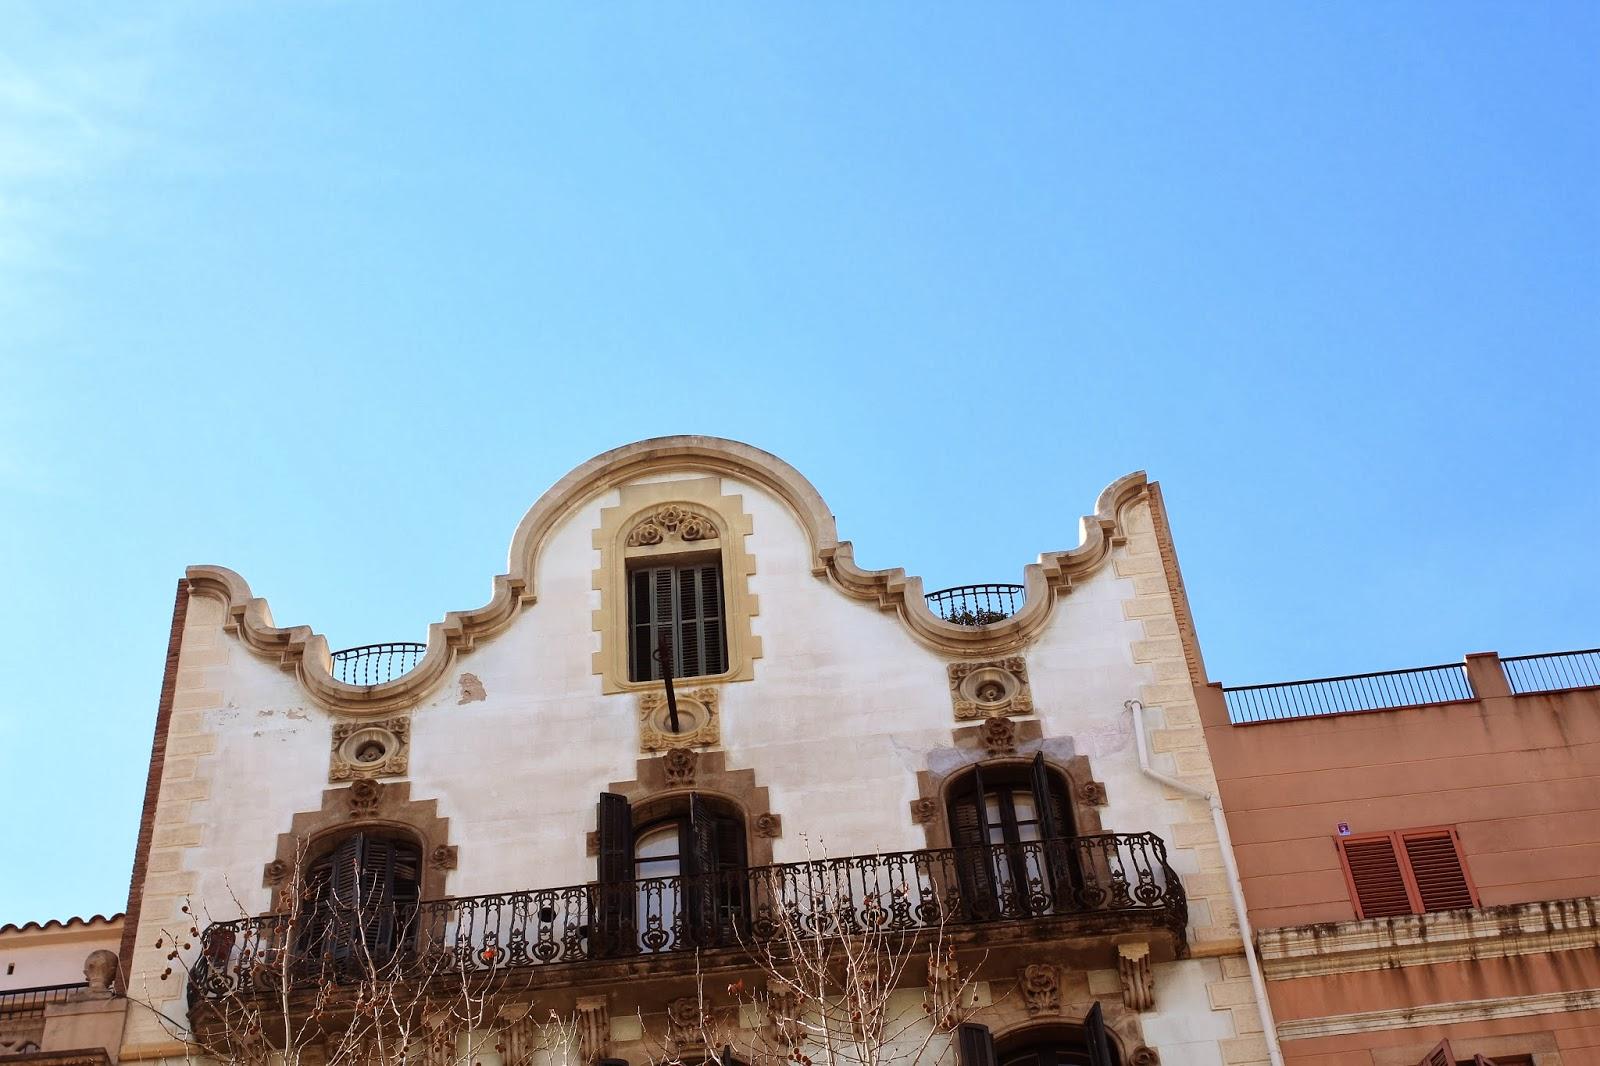 gaudi architecture tour in barcelona